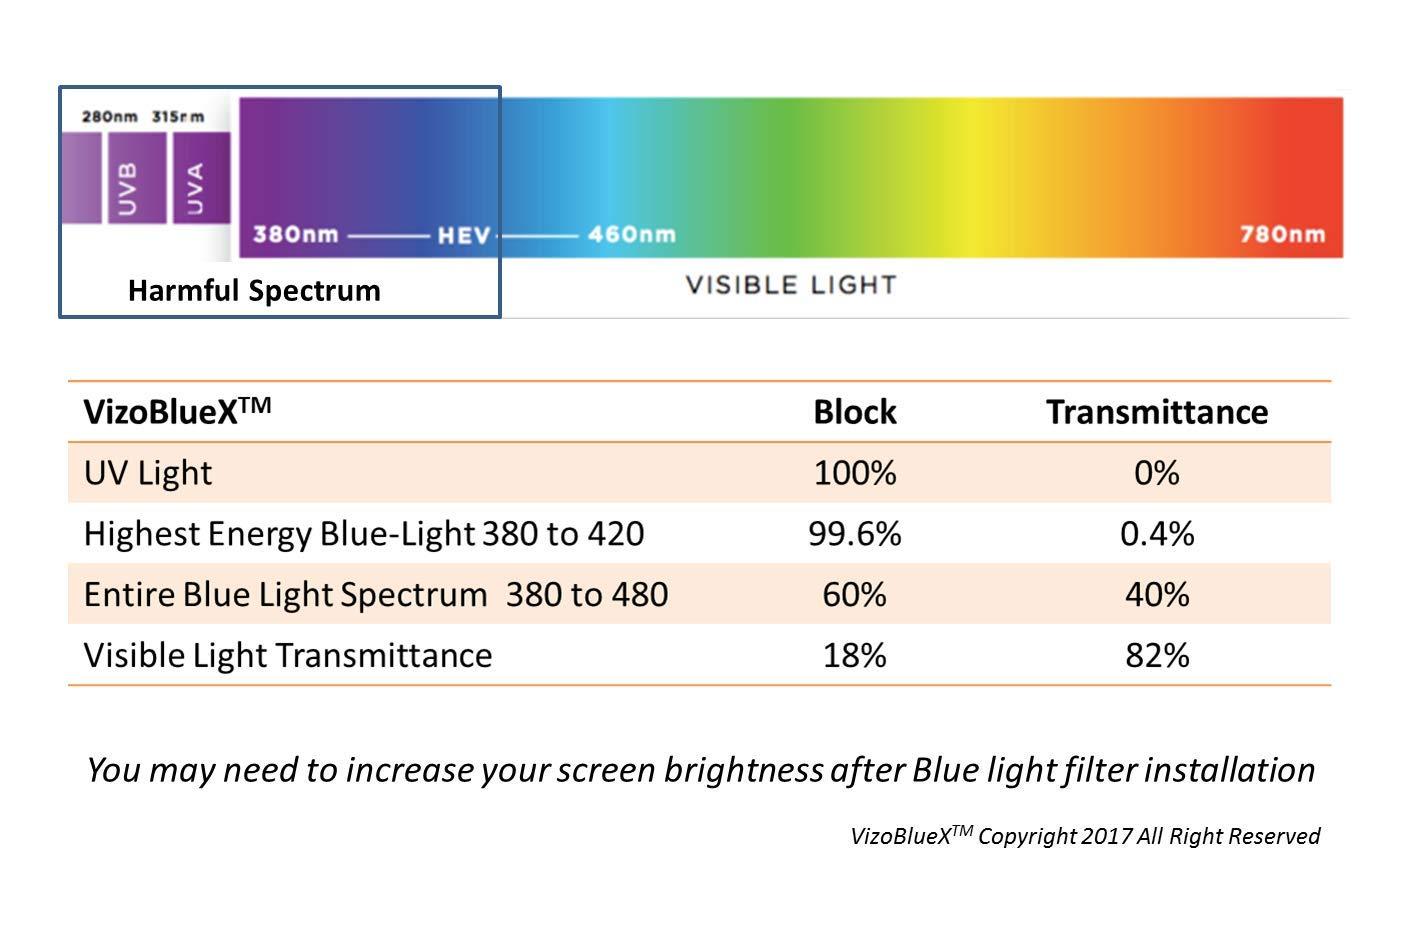 23 - 24 pulgadas VizoBlueX Anti Luz Azul filtro para monitor de computadora. Panel de protección de la pantalla de luz azul de la computadora (54.5 X 33 cm) ...